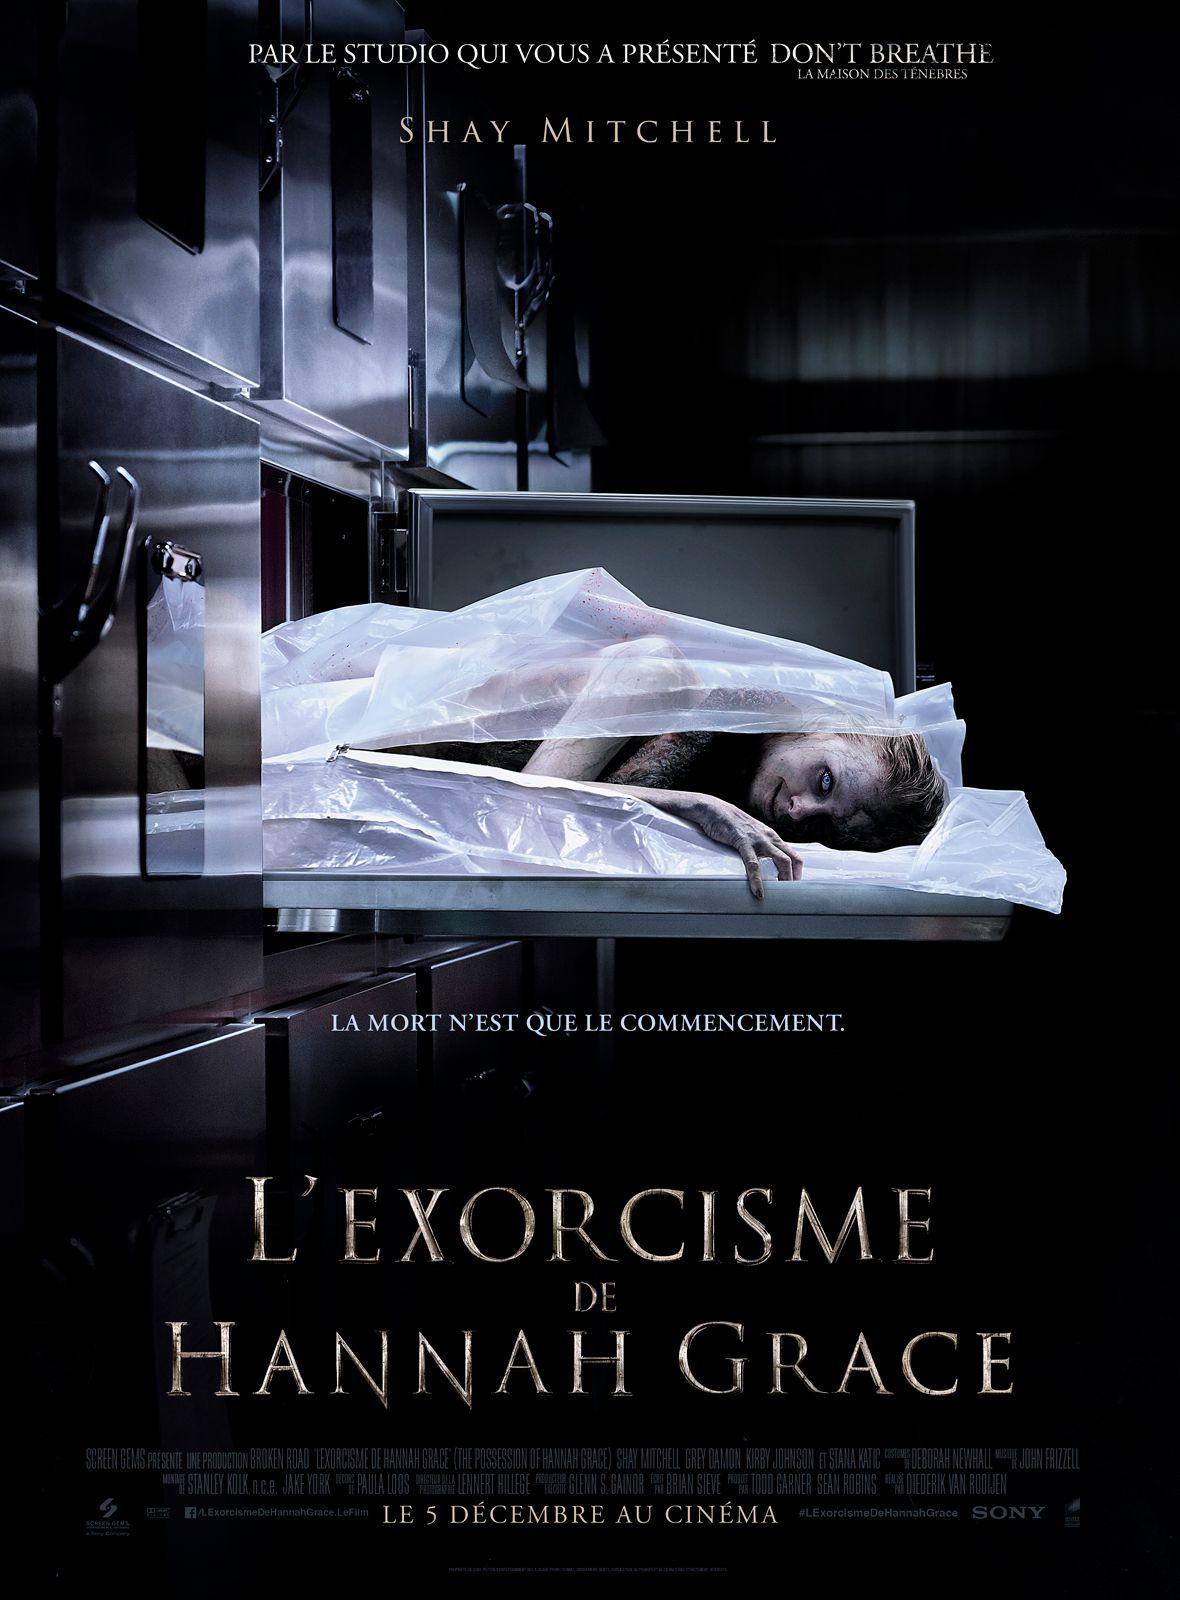 L'Exorcisme de Hannah Grace - Film (2018)